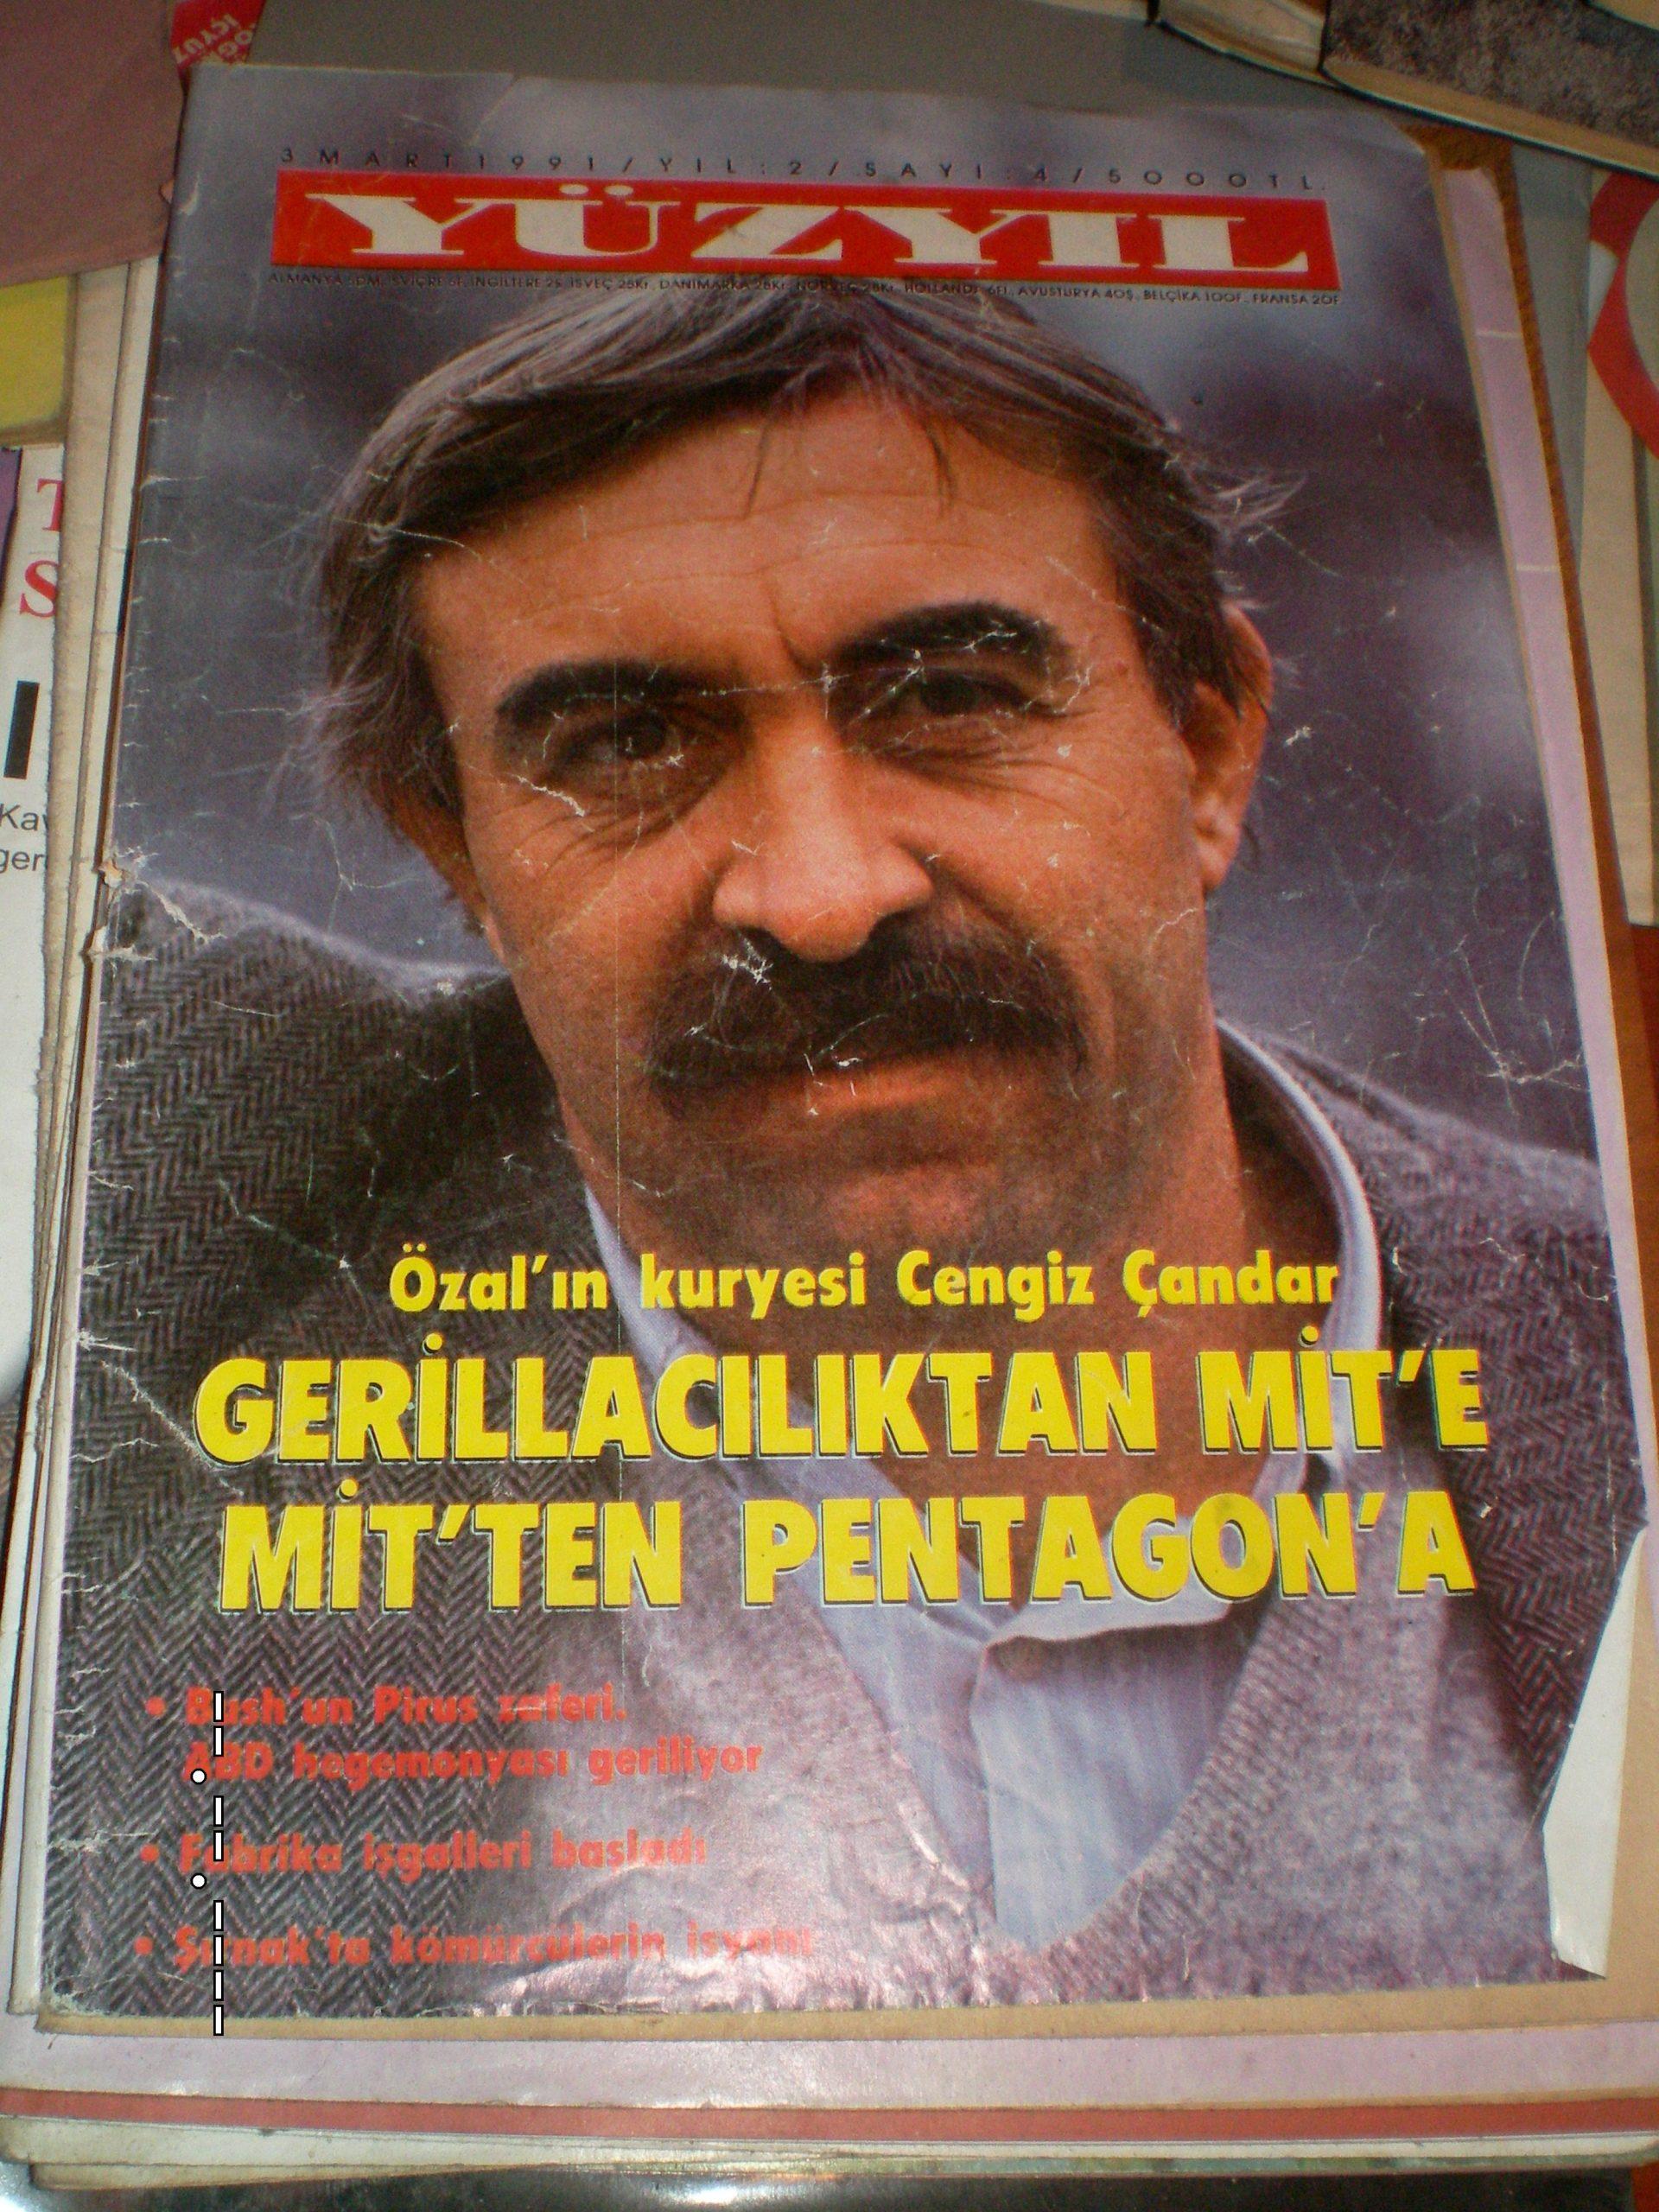 Yüzyıl dergisi(Cengiz Çandar özel sayı)-3 mart 1991-sayı 4/ 15tl